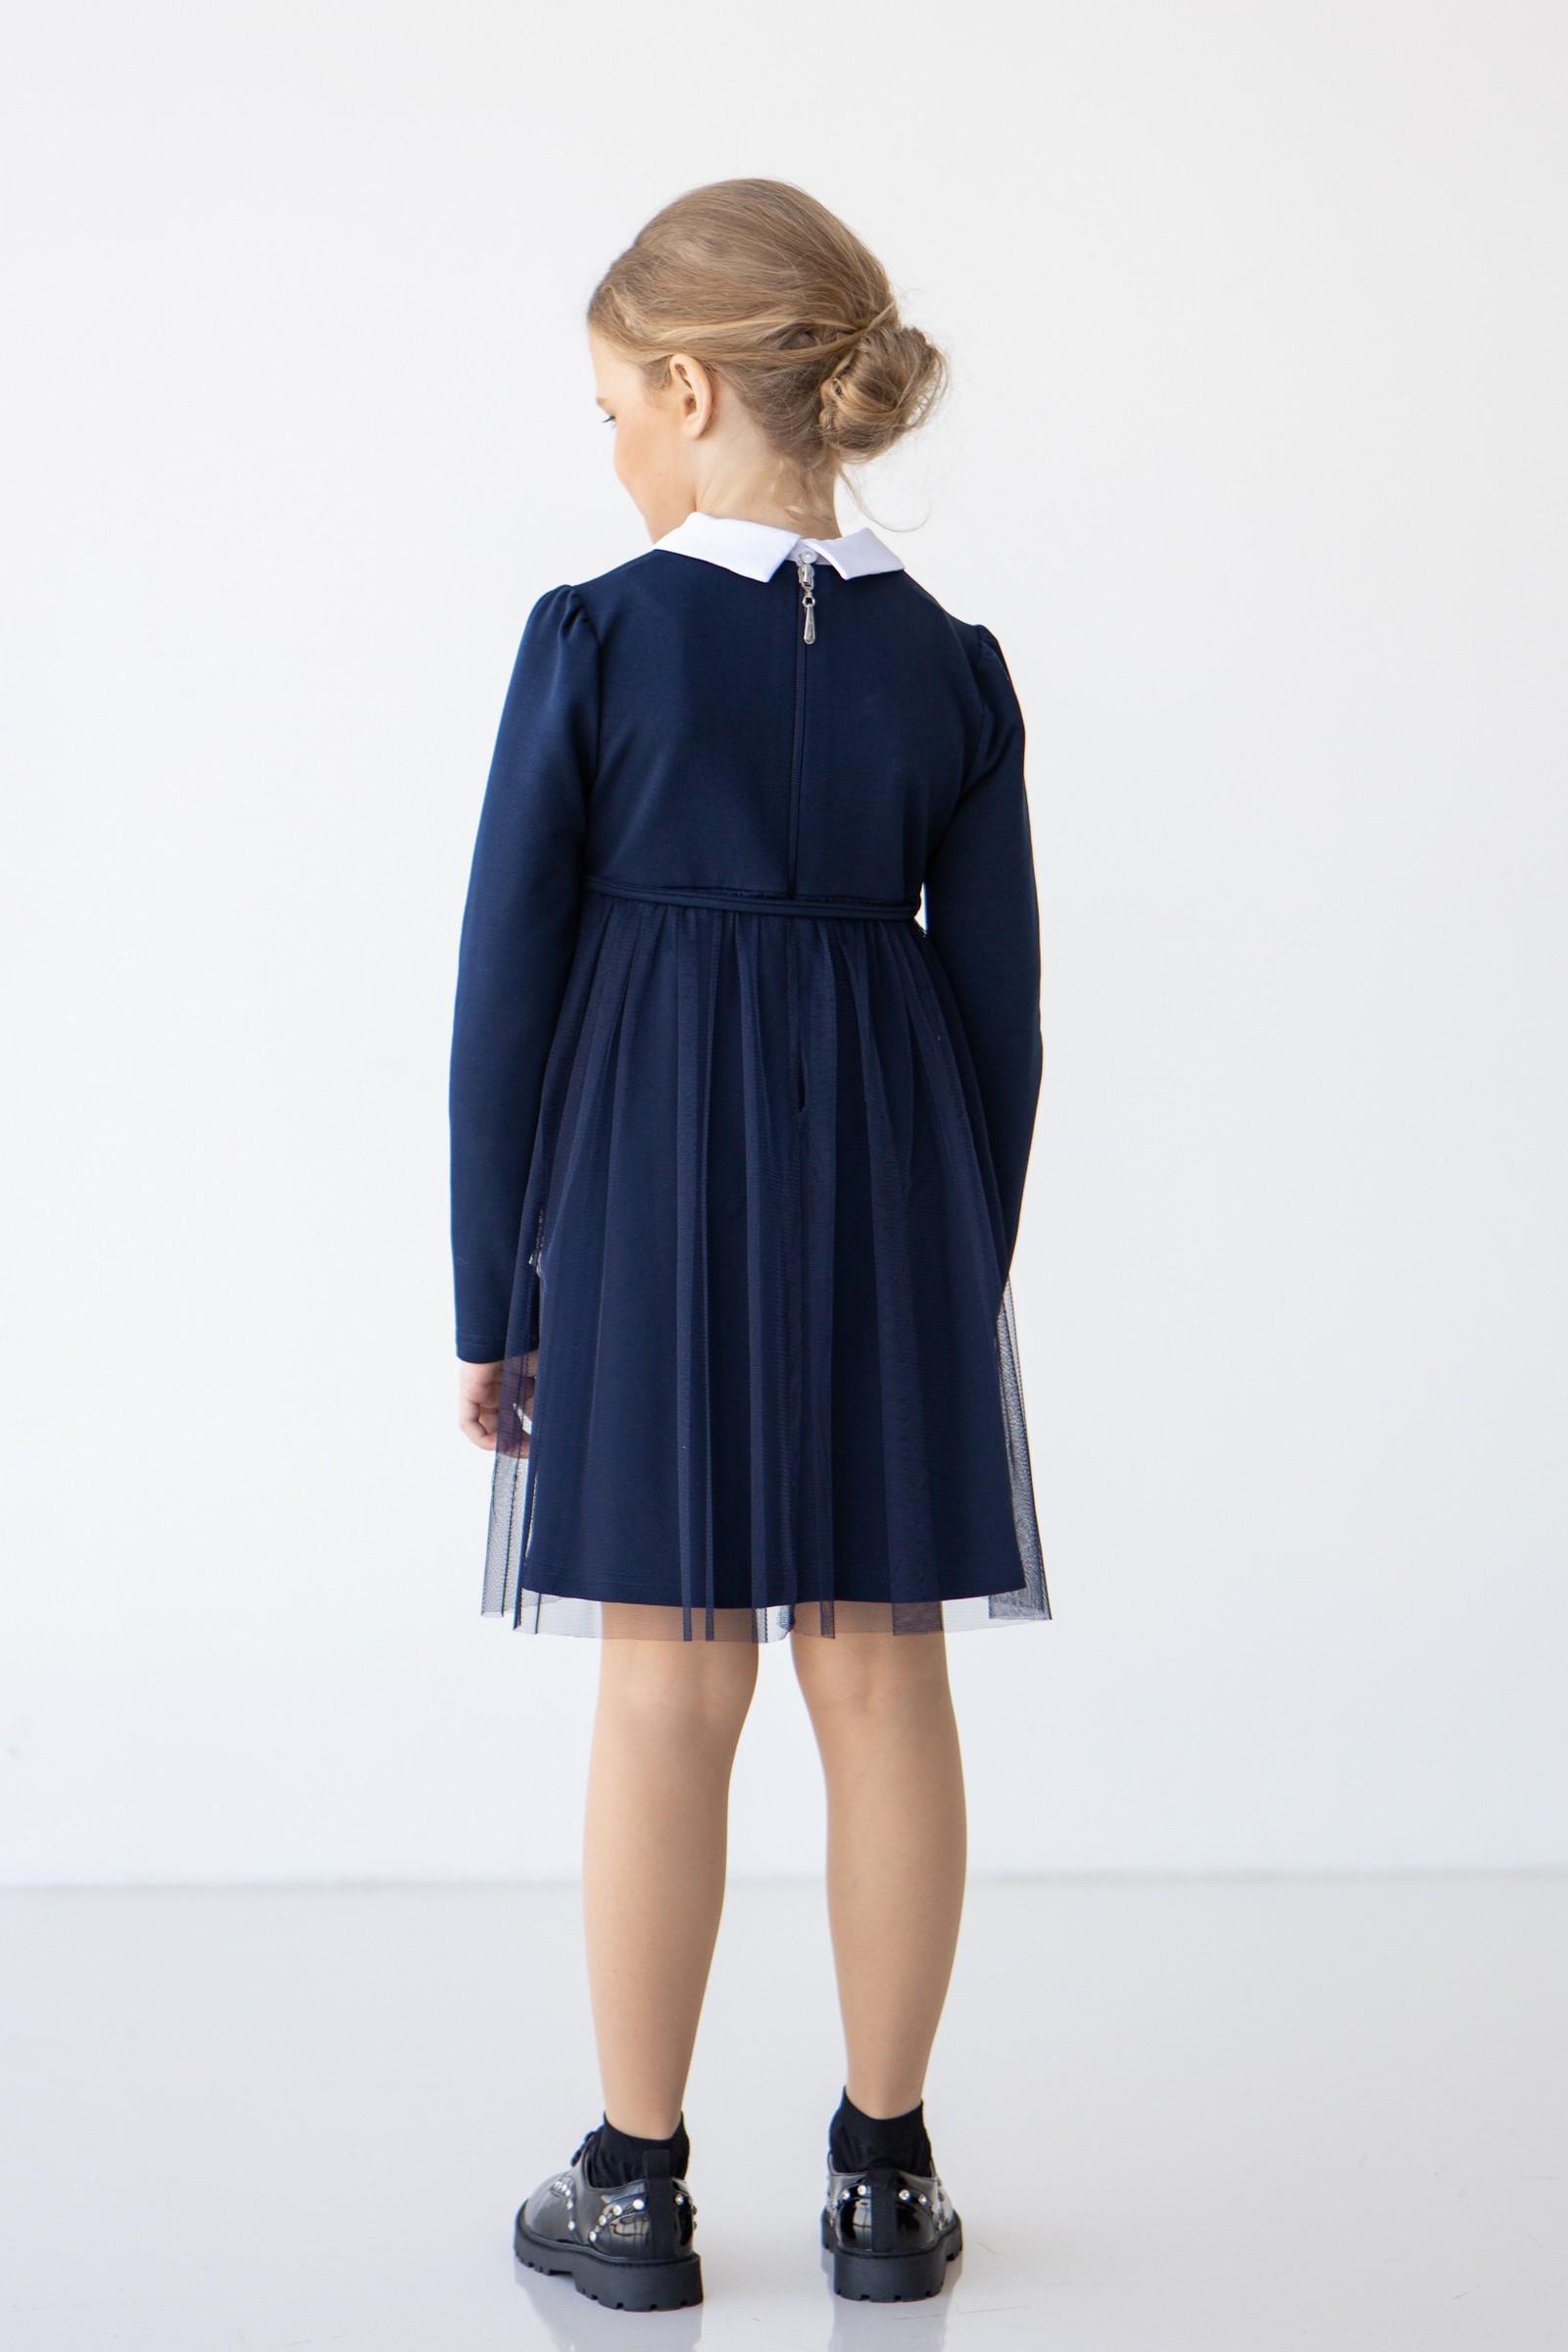 Плаття Дестіне, фото №3